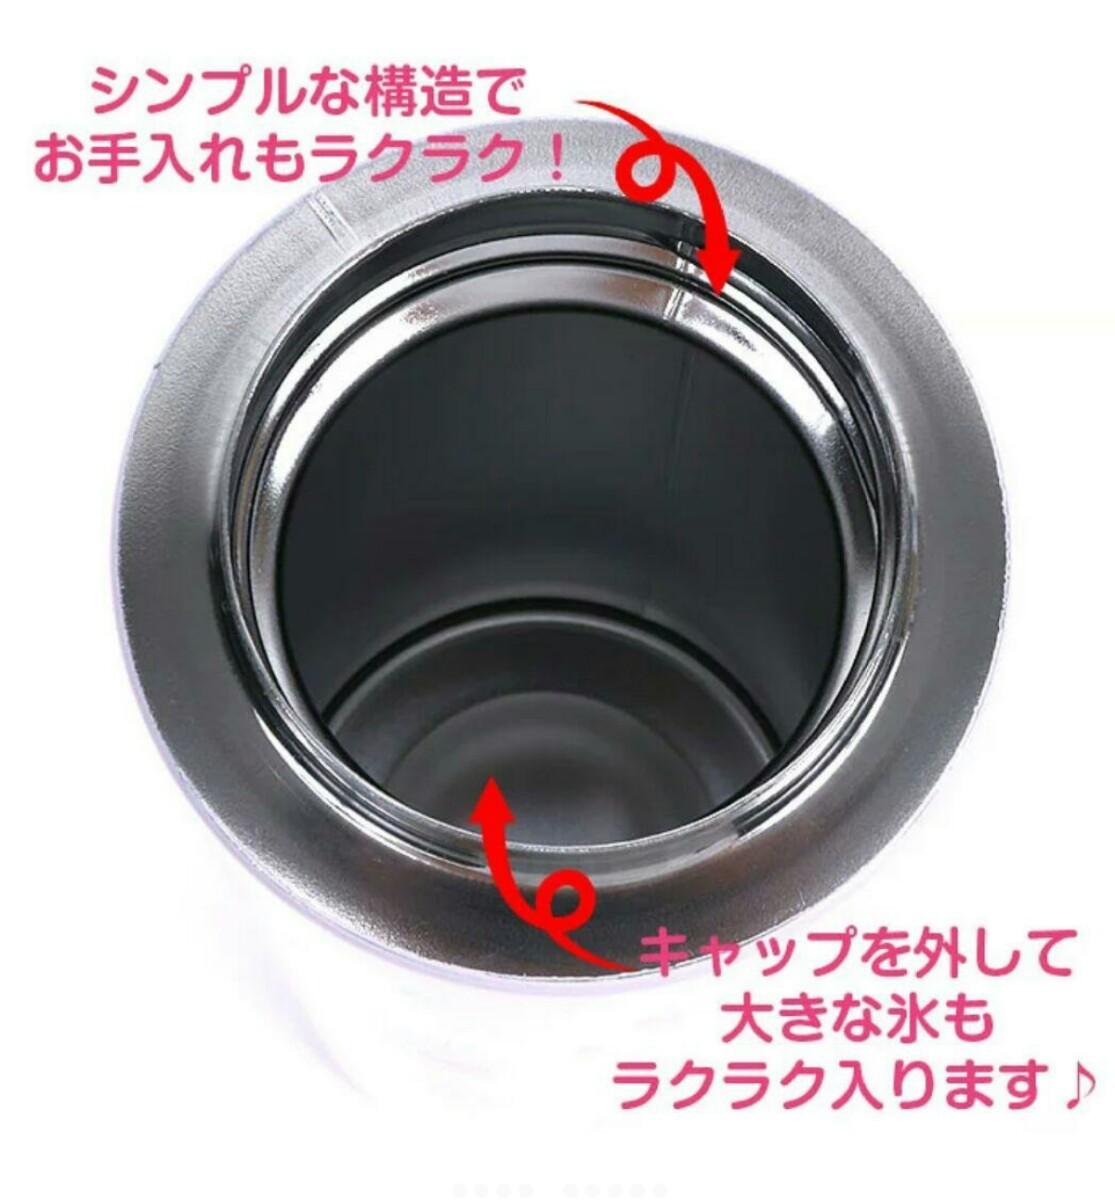 サンリオ マイメロディ ステンレスマグボトル 保冷保温 M 340ml 水筒